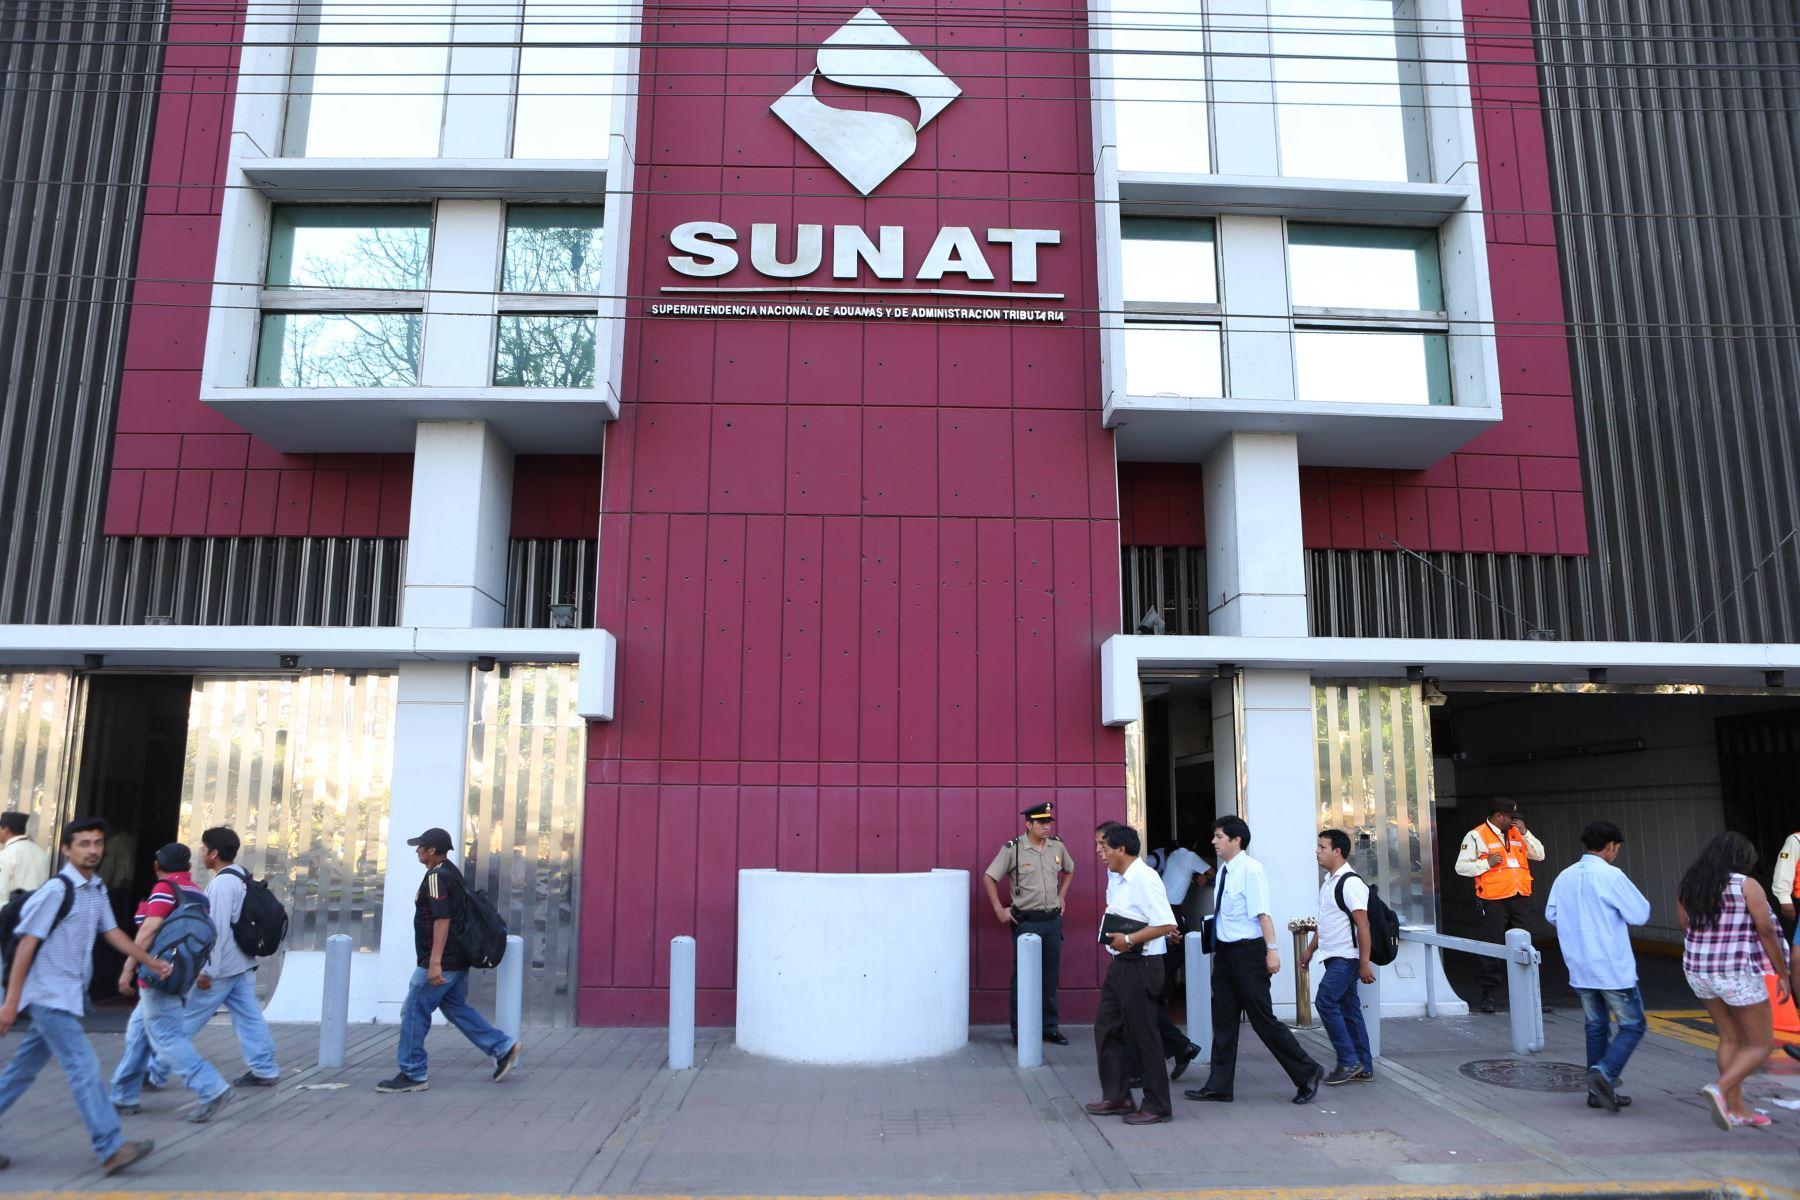 Superintendencia Nacional de Aduanas y de Administración Tributaria (Sunat). Foto: ANDINA/archivo